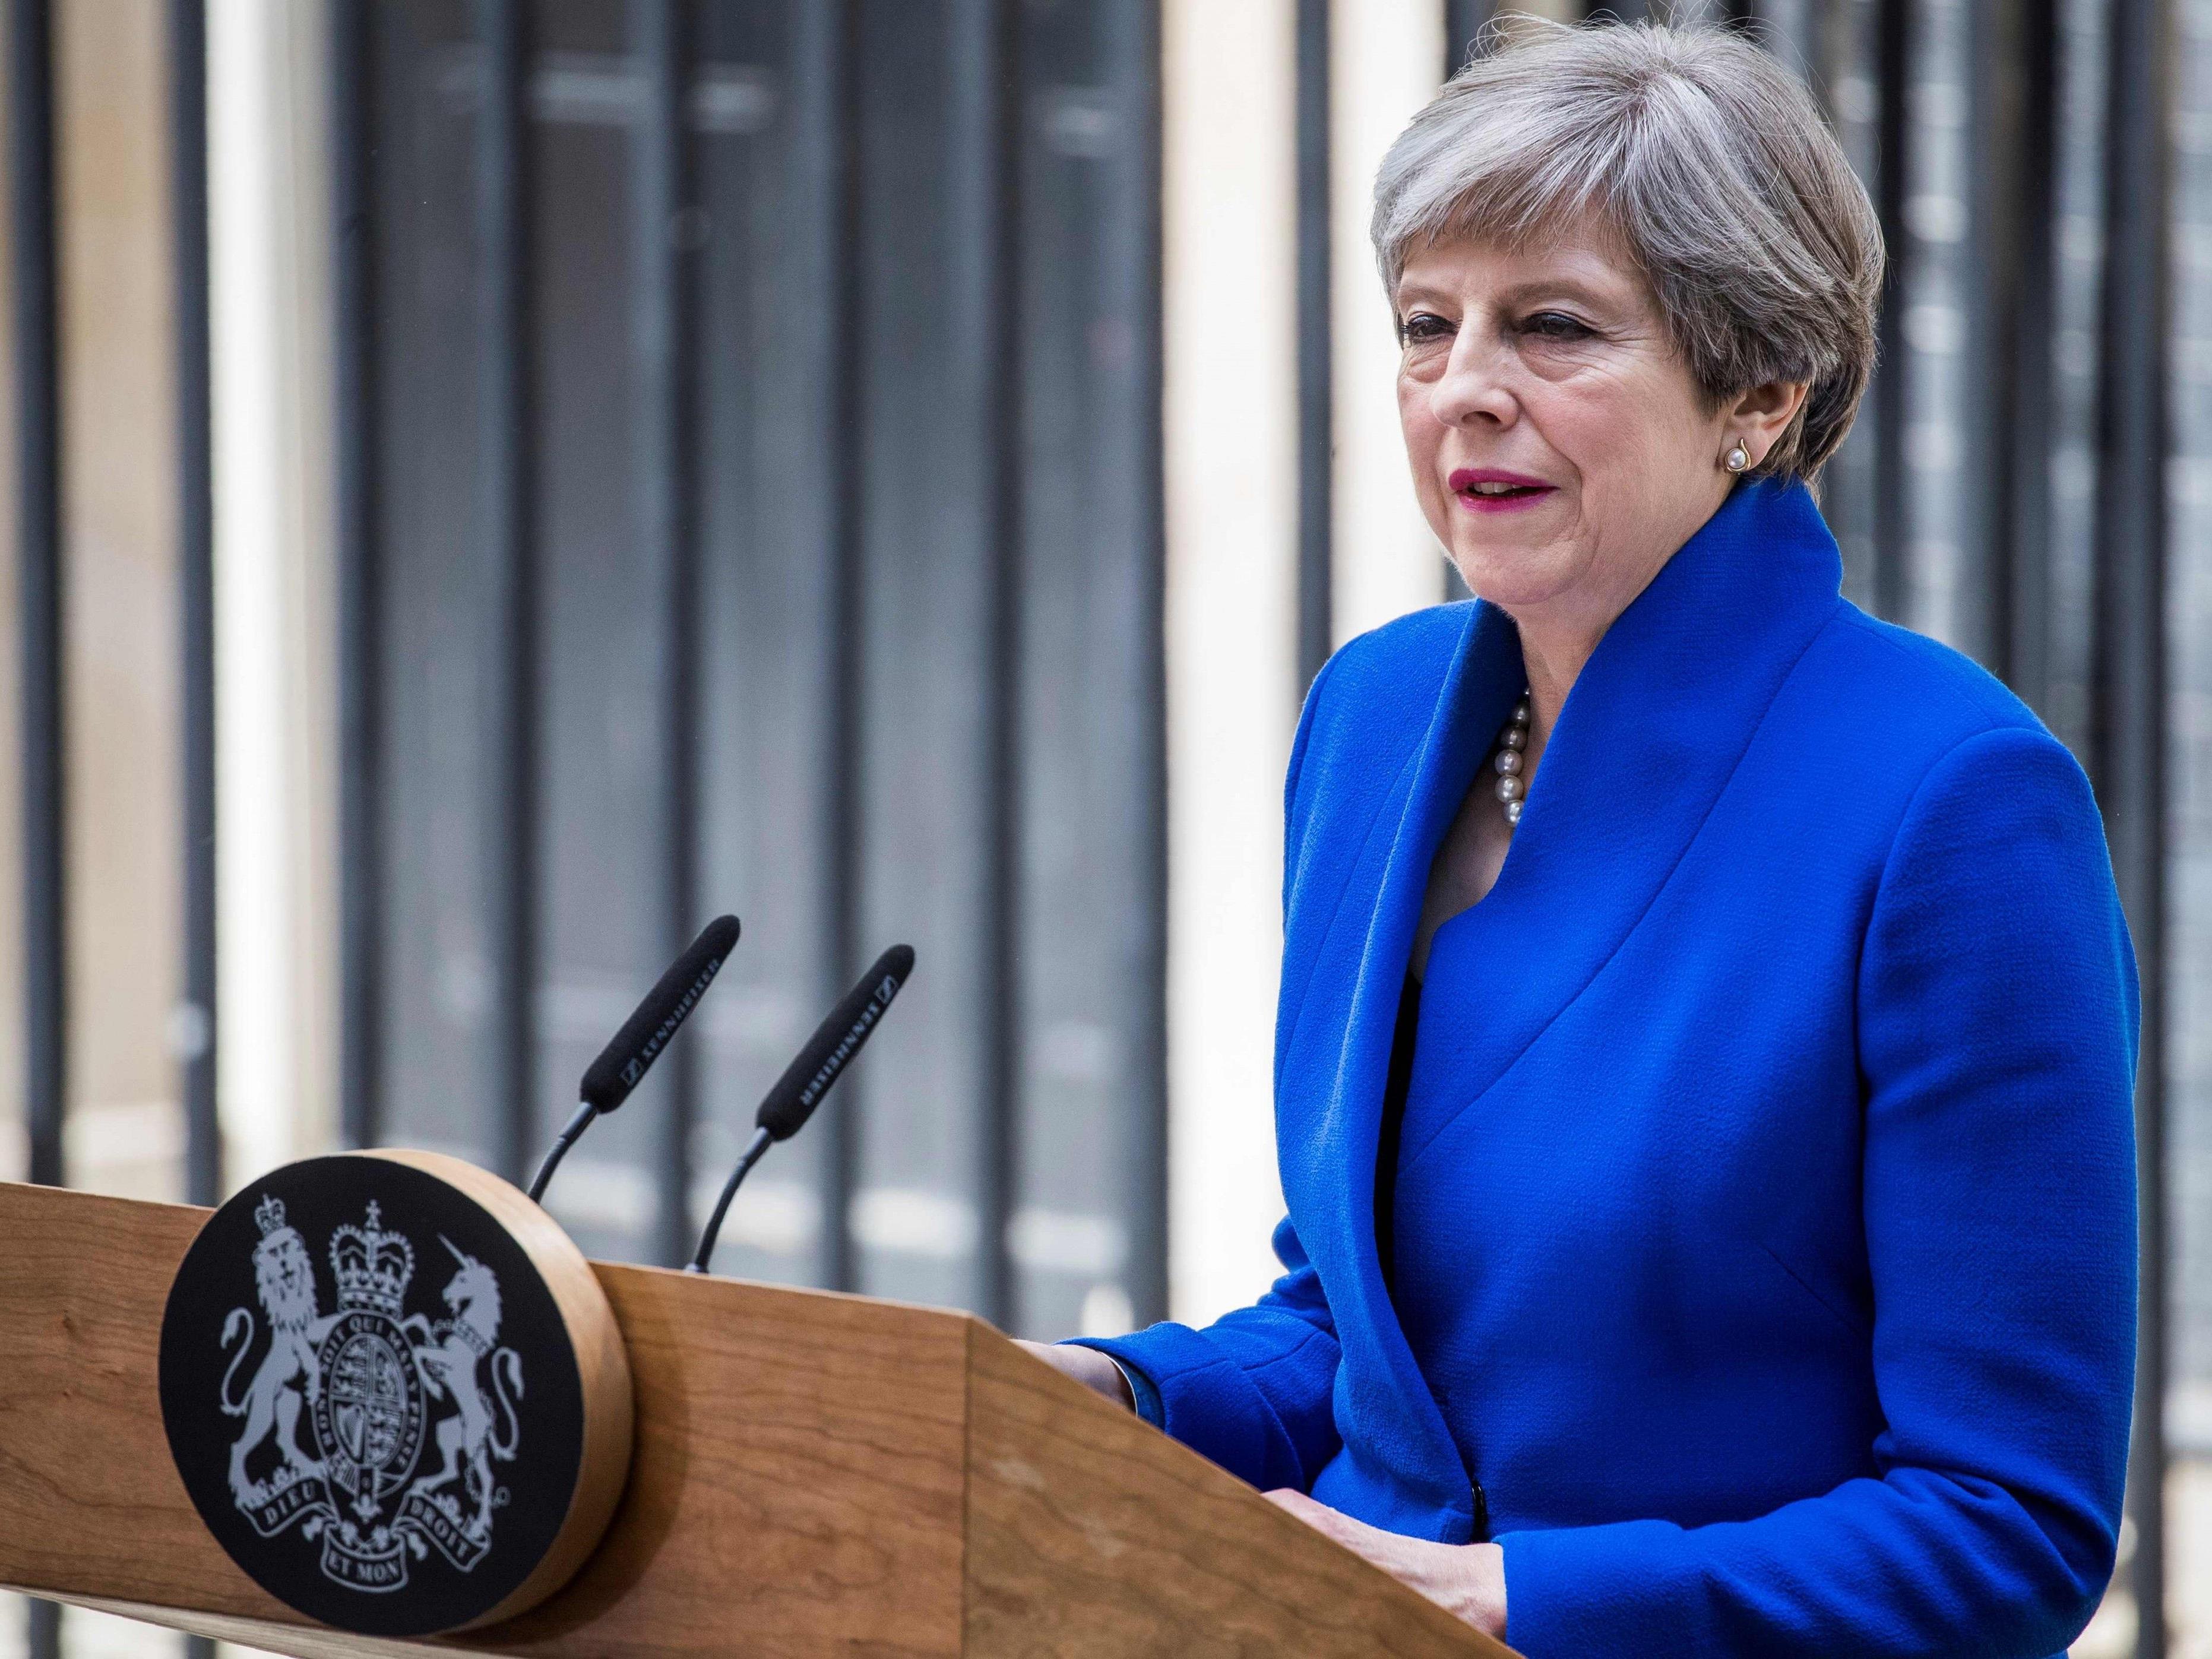 Auch Theresa May muss sich die Frage stellen lassen, wie es mit den Brexit-Gesprächen weitergeht.